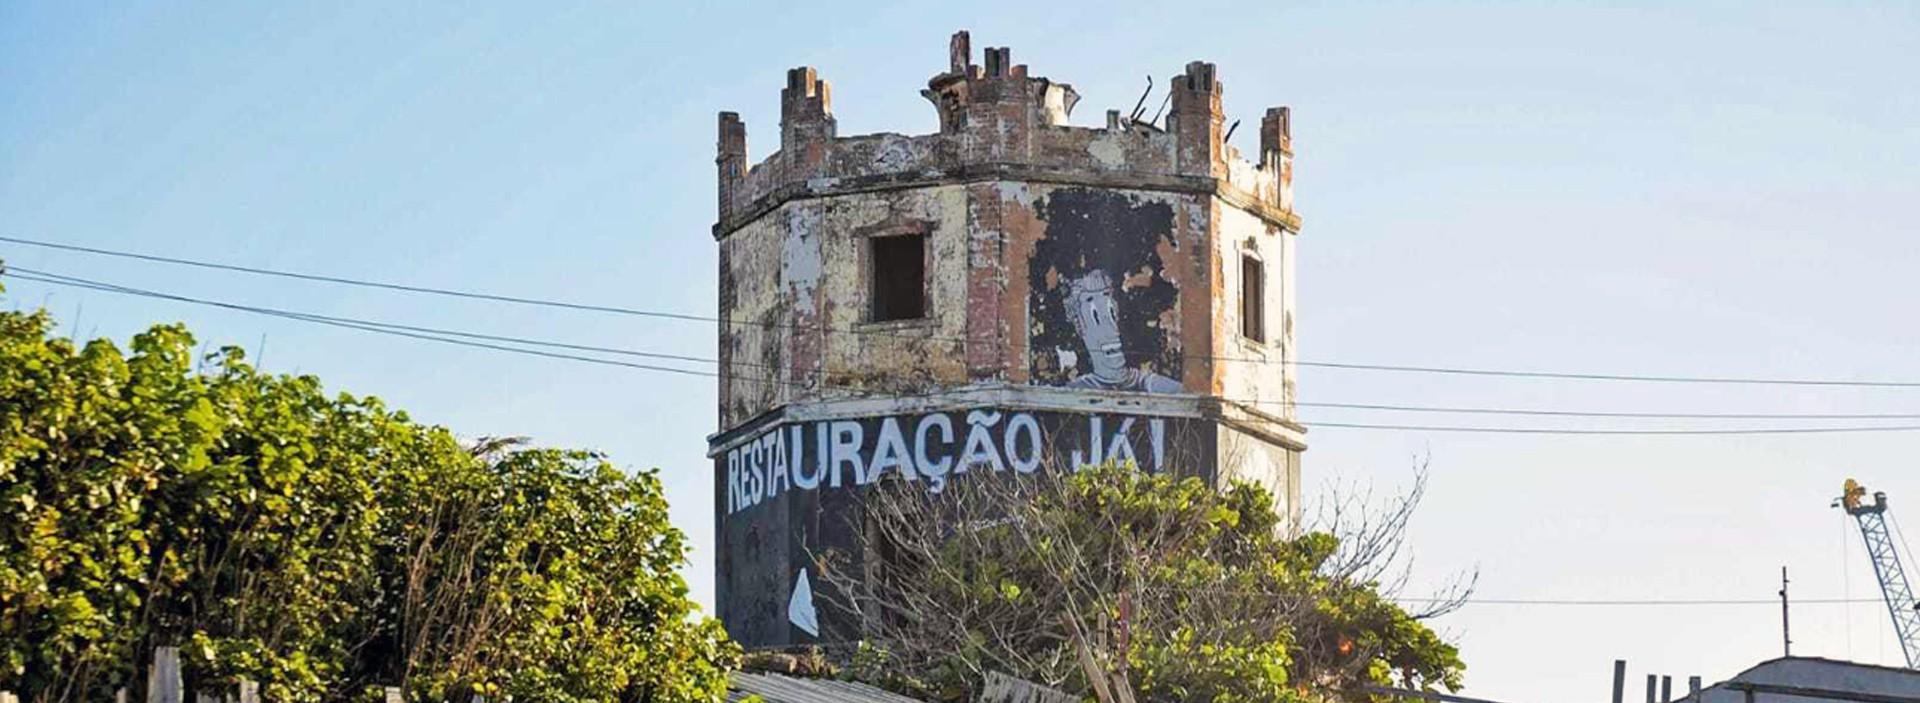 CAPA - Parte da torre do Farol Velho desmoronou nesta terça-feira (Foto: Aurélio Alves)